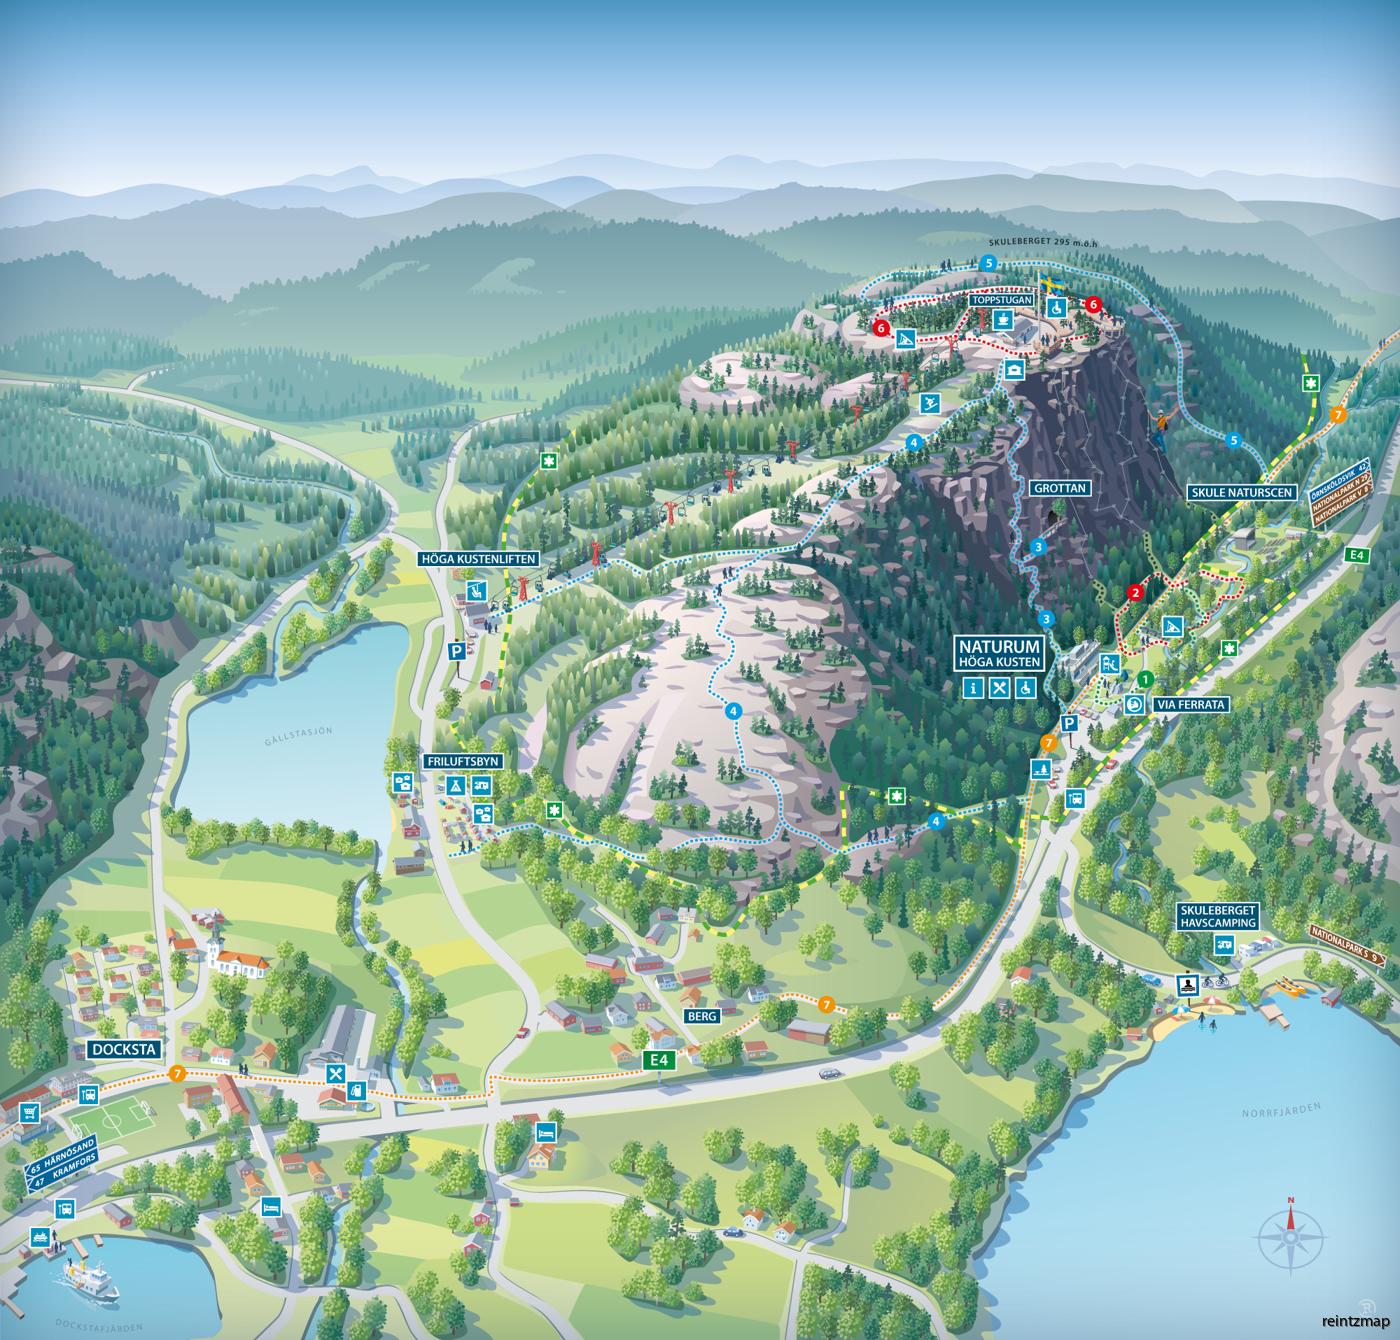 skuleberget karta Illustrated maps | reintzmap design   Piste maps & Illustrated maps skuleberget karta